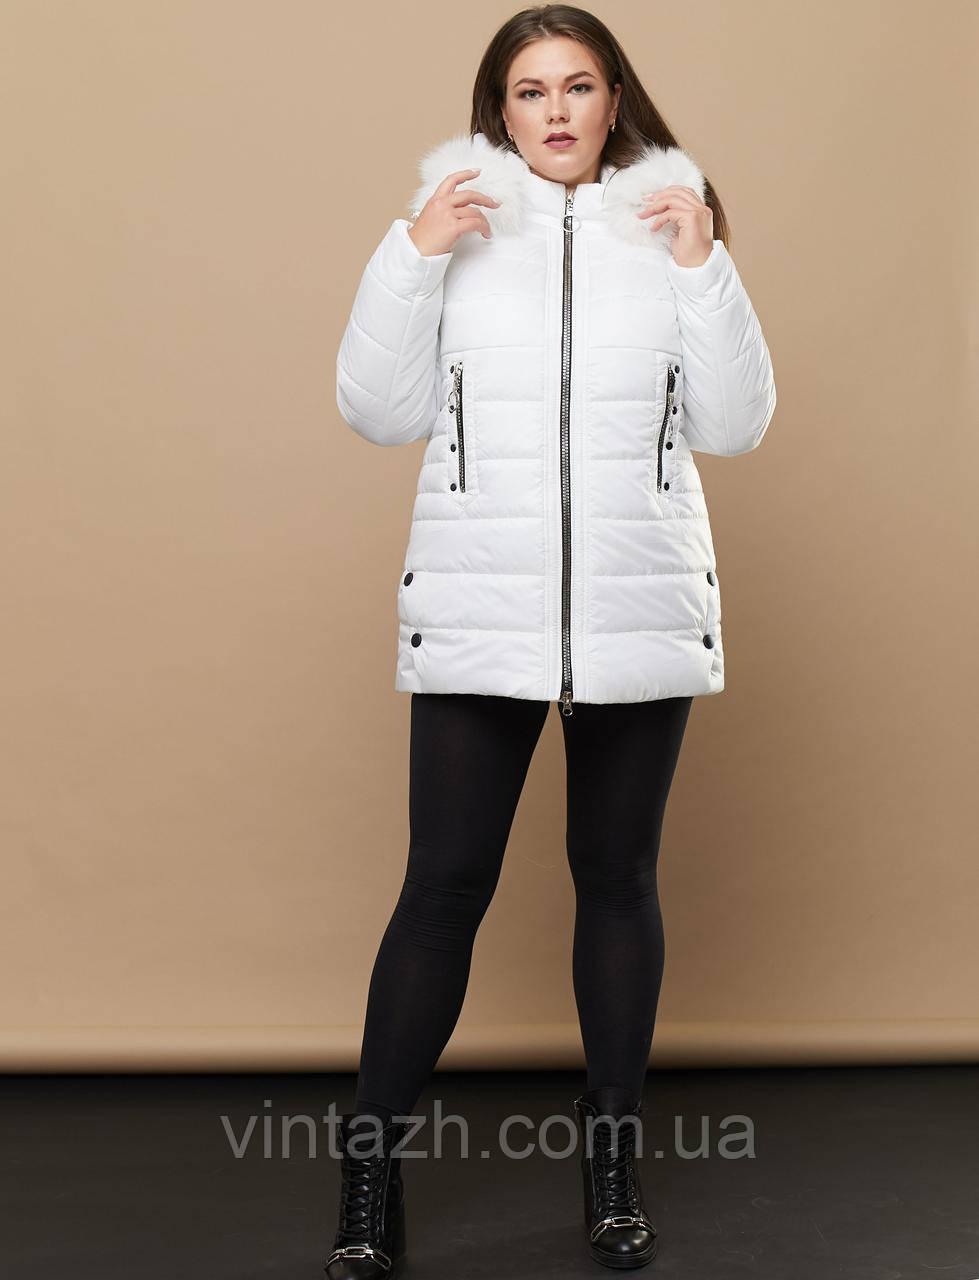 Куртка женская зимняя  недорого в интернет магазине с мехом от производителя